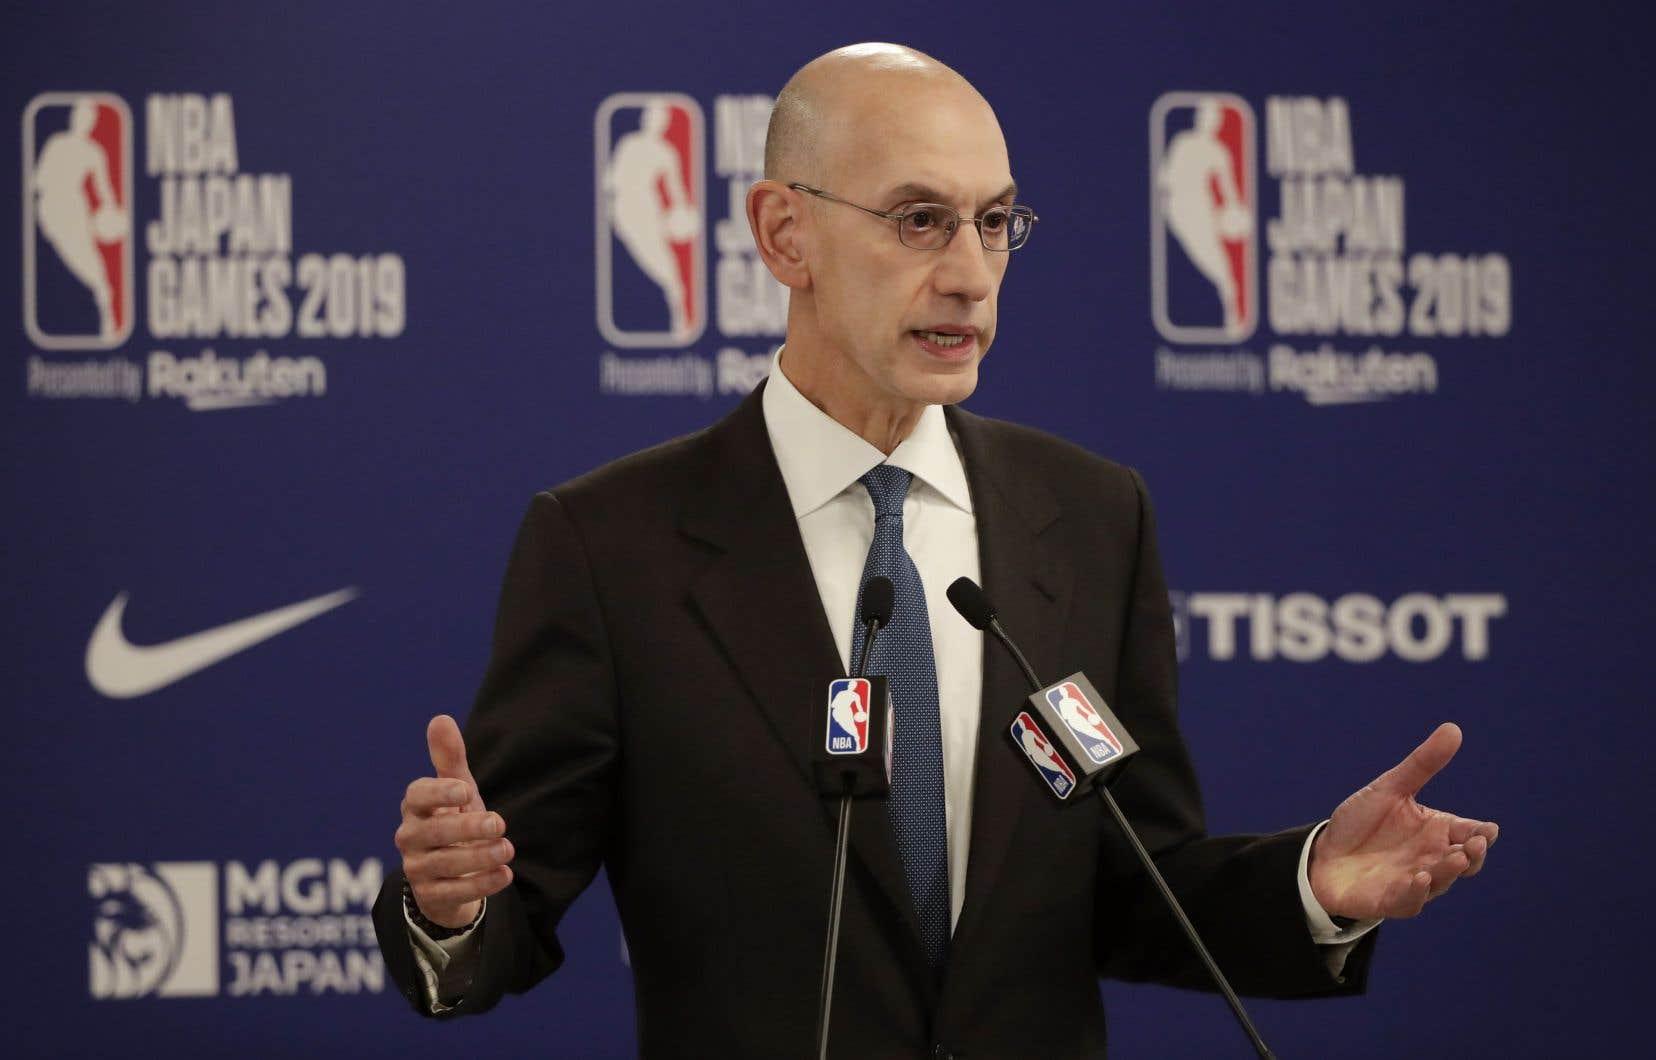 Le commissaire de la NBA, Adam Silver, est attendu mercredi en Chine, où il doit notamment rencontrer des responsables chinois.